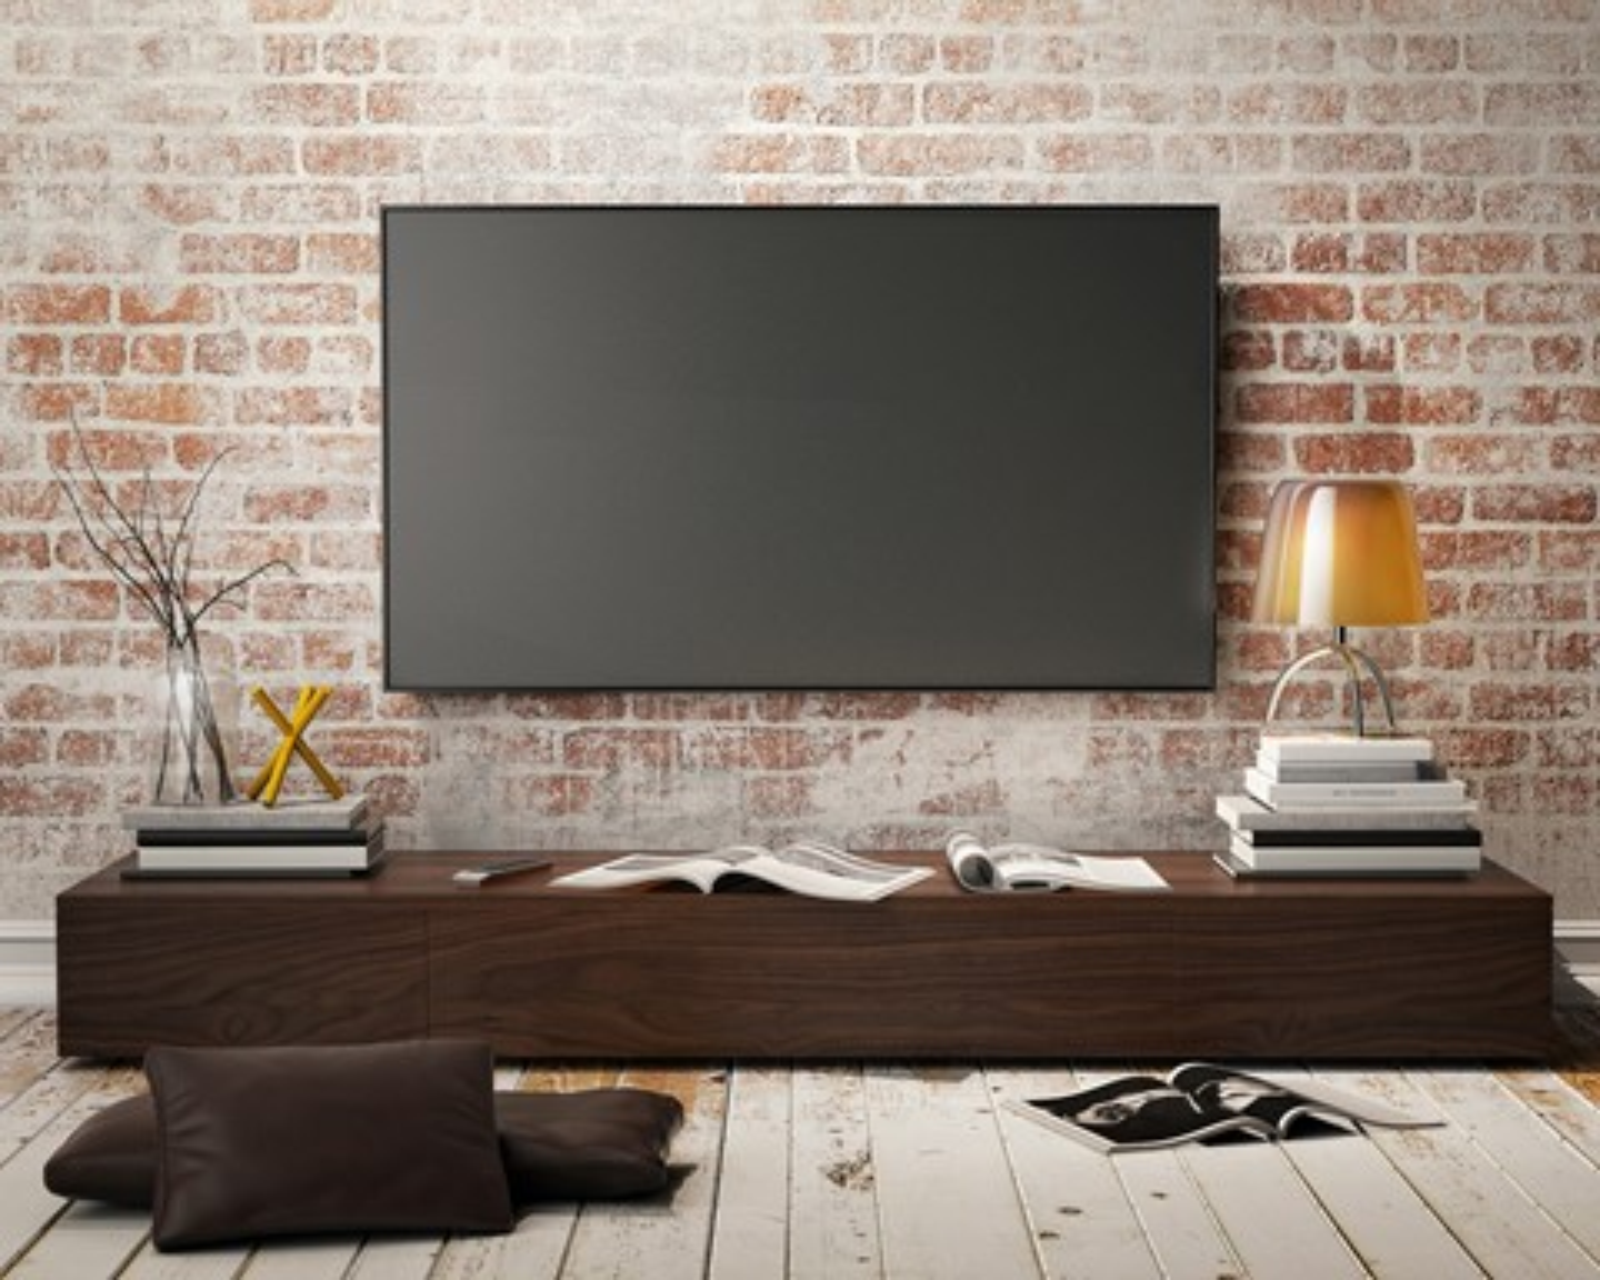 Imagem de Global ITV: projeto ousado pretende unificar a TV digital em nível mundial no tecmundo